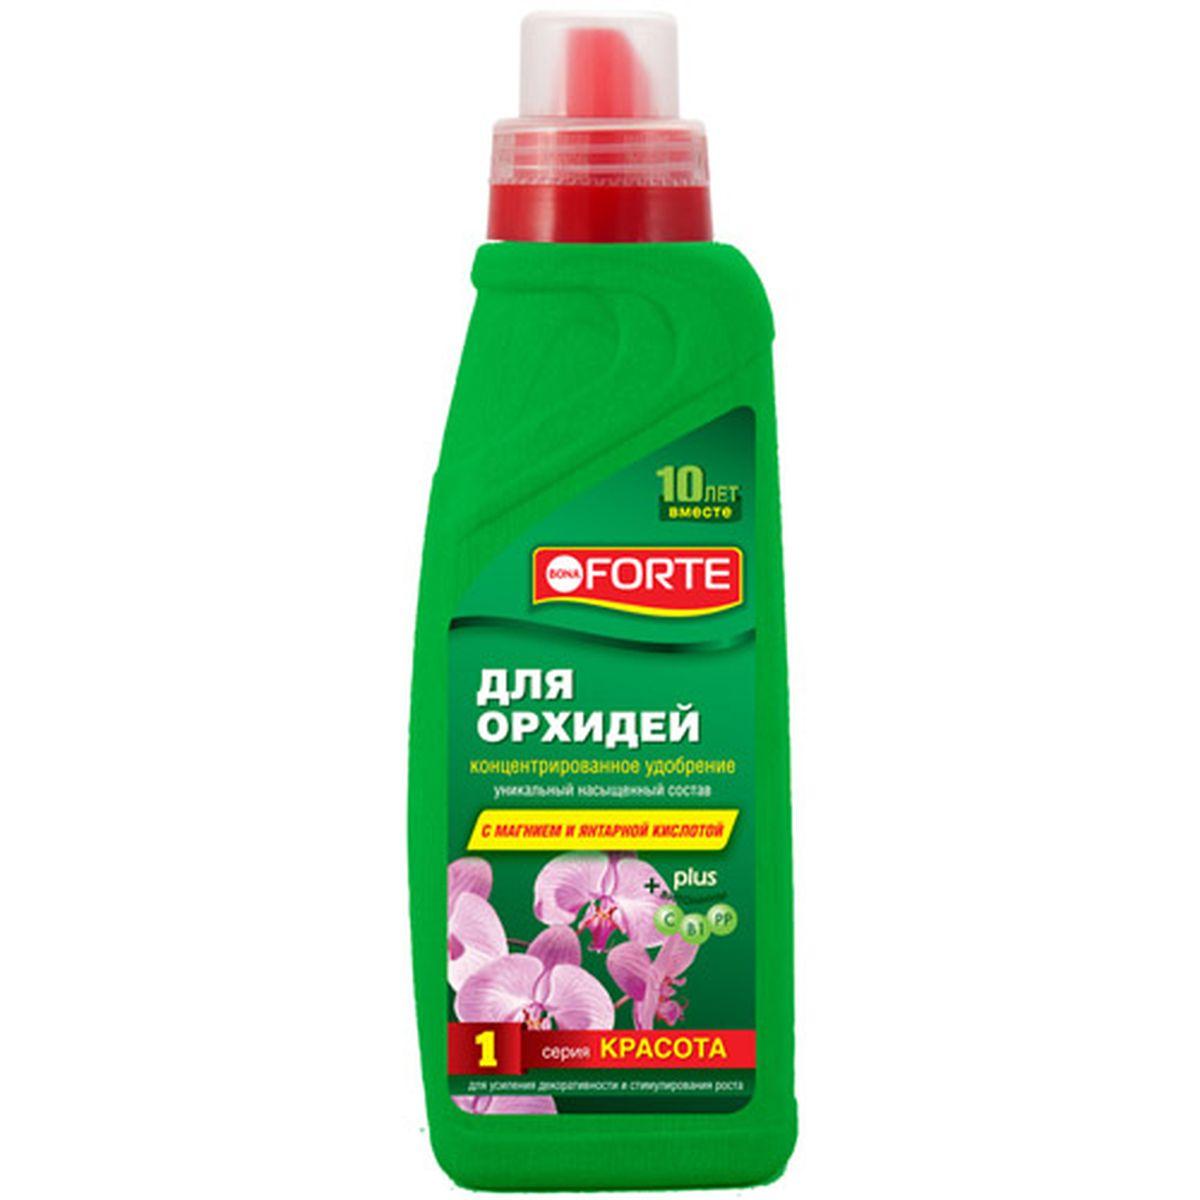 Жидкое комплексное удобрение Bona Forte, 750 мл (серия КРАСОТА)BF-21-03-004-1Стимулирует повторное цветение орхидей, обеспечивает отличный рост,а также прекрасный здоровый вид ваших любимых цветов.